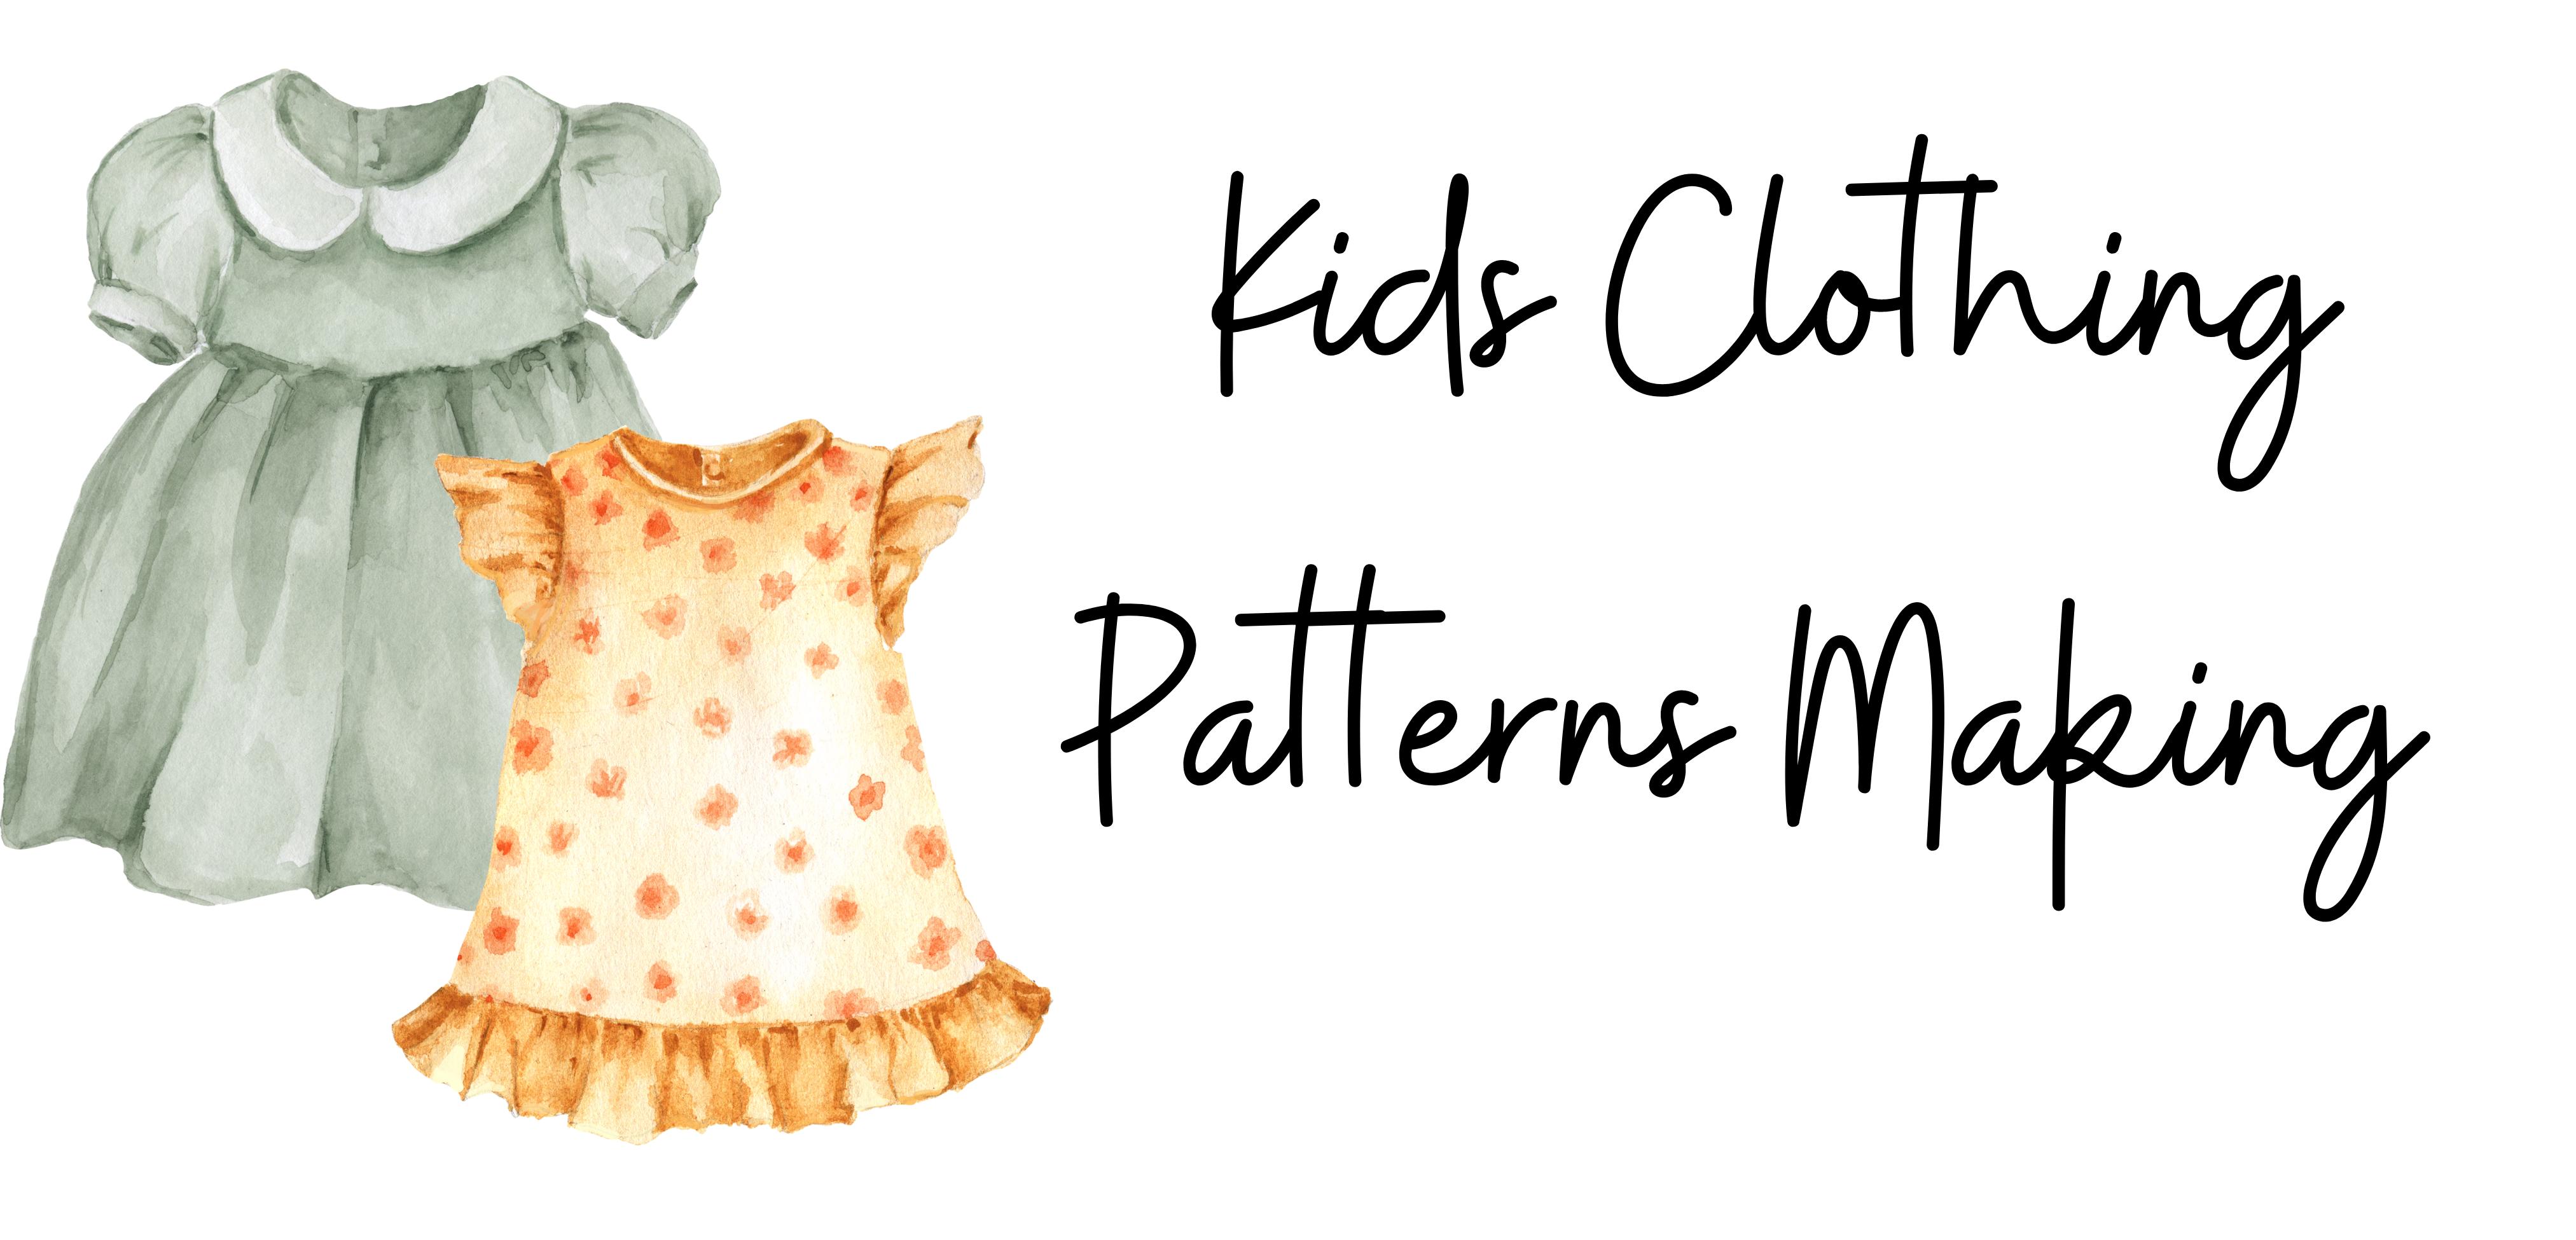 Kids Clothing Pattern Making